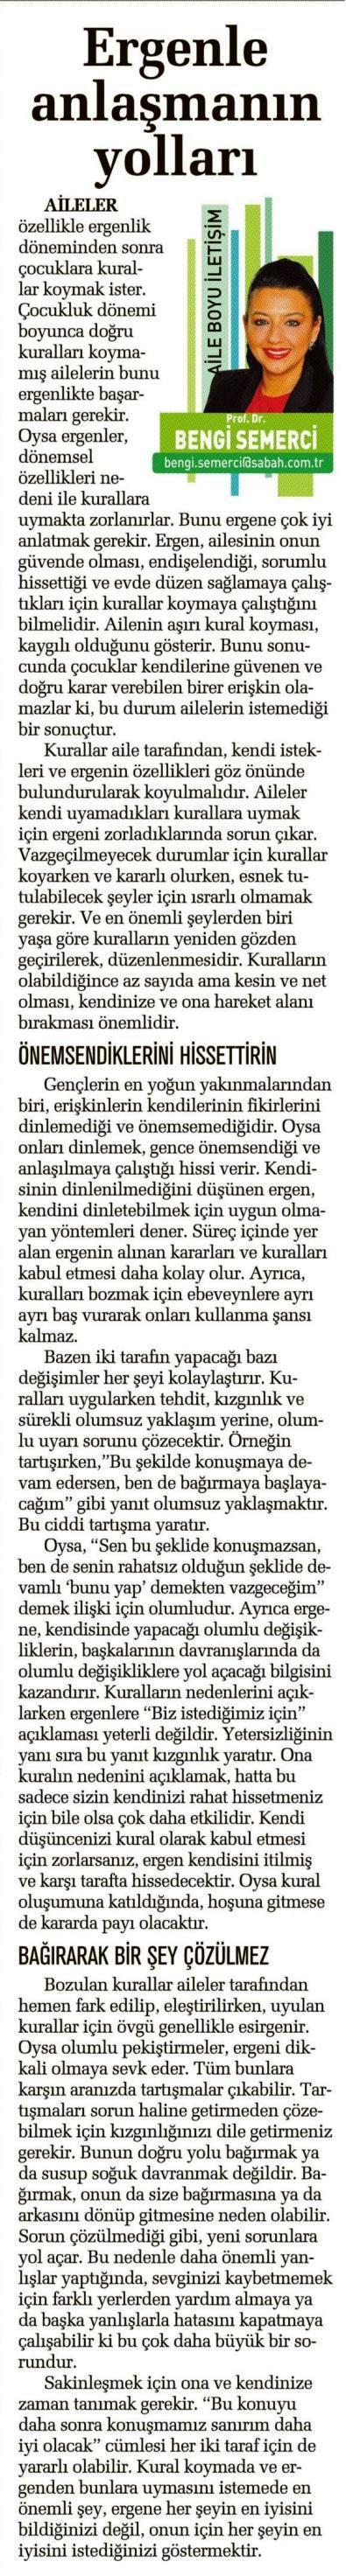 Ergenle Anlaşmanın Yolları - SABAH CUMARTESİ 19.04.2014